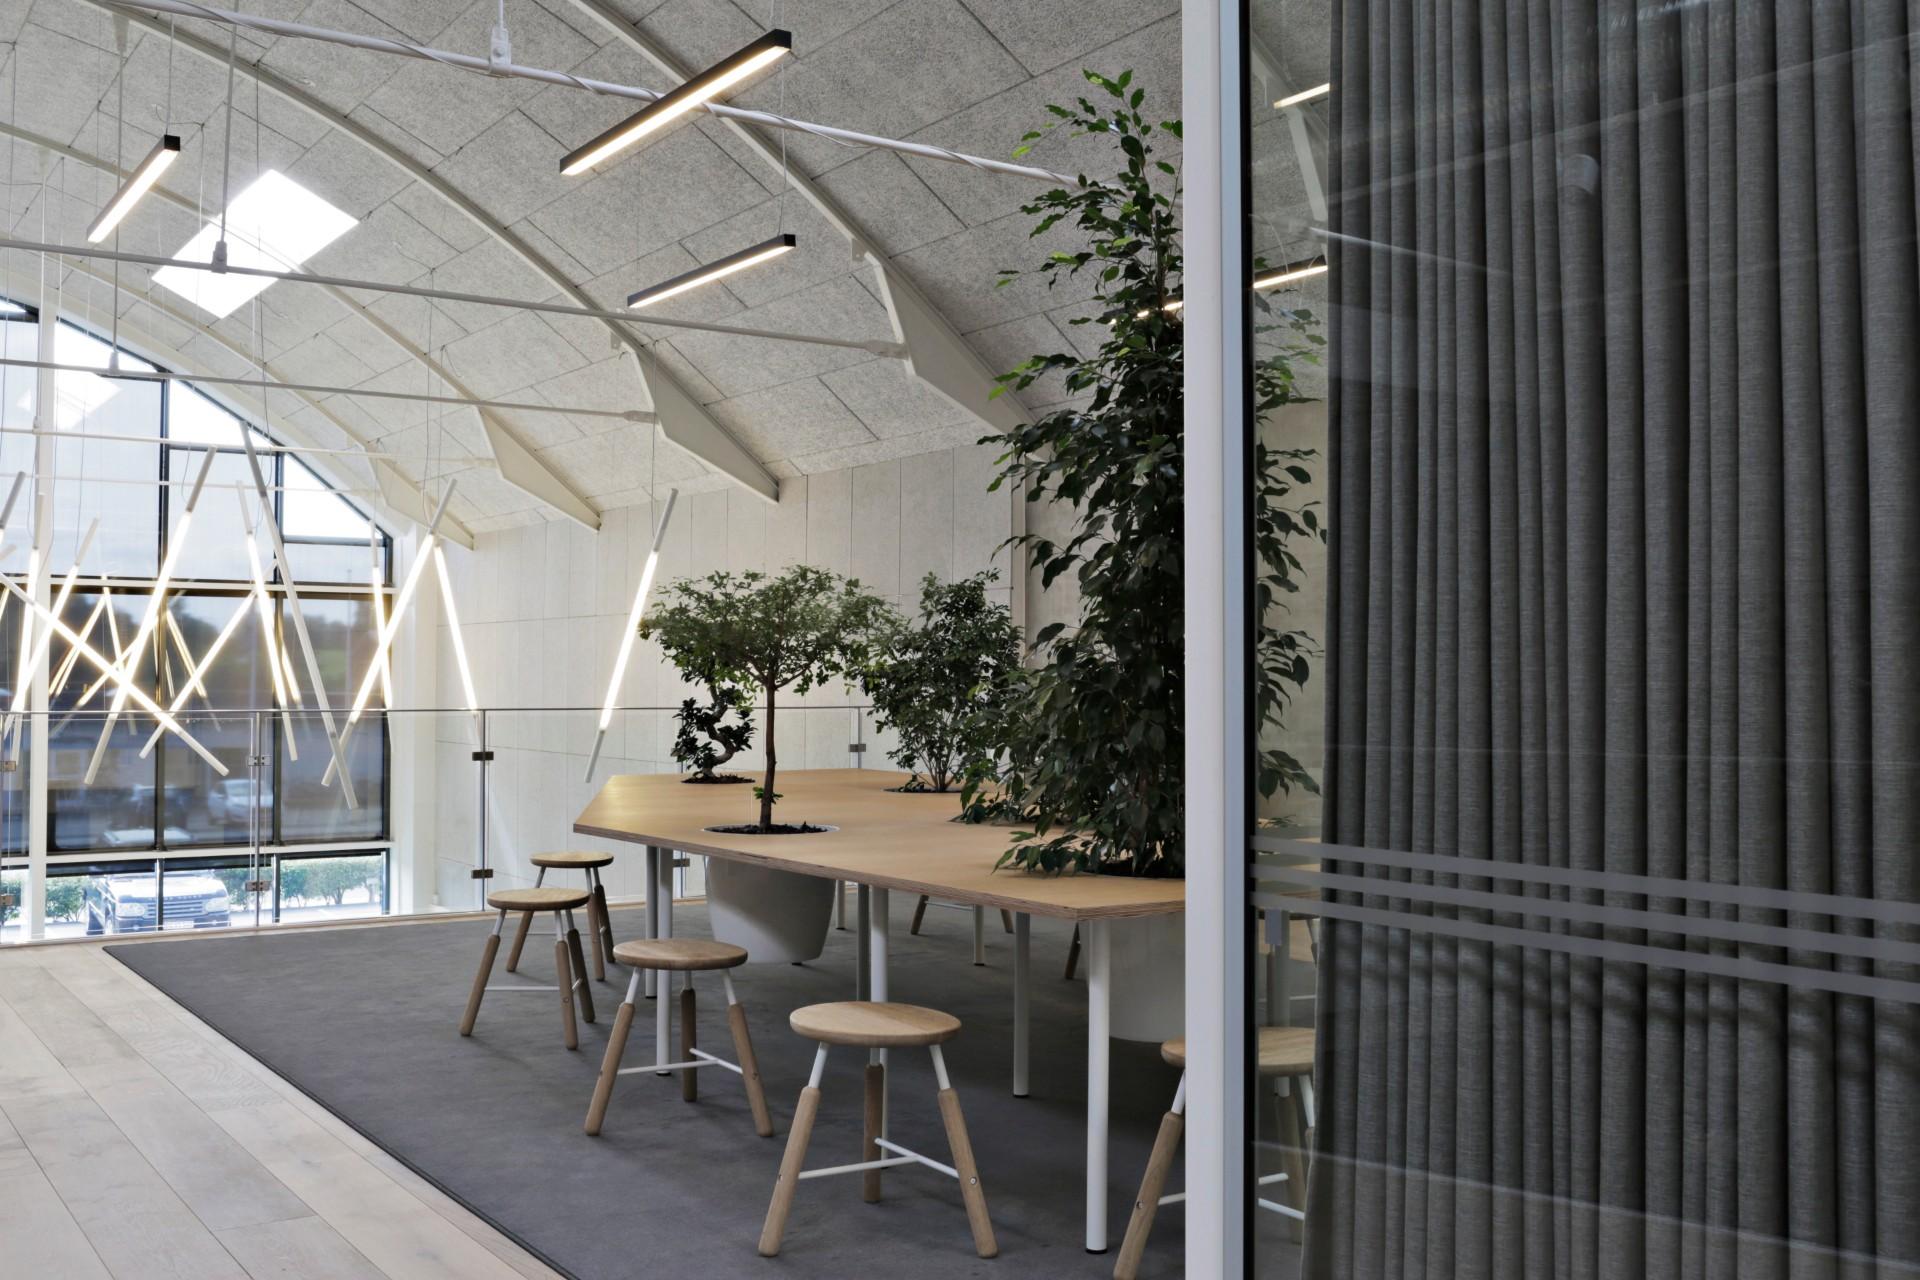 sofie-ladefoged-interior-impact-07.jpg